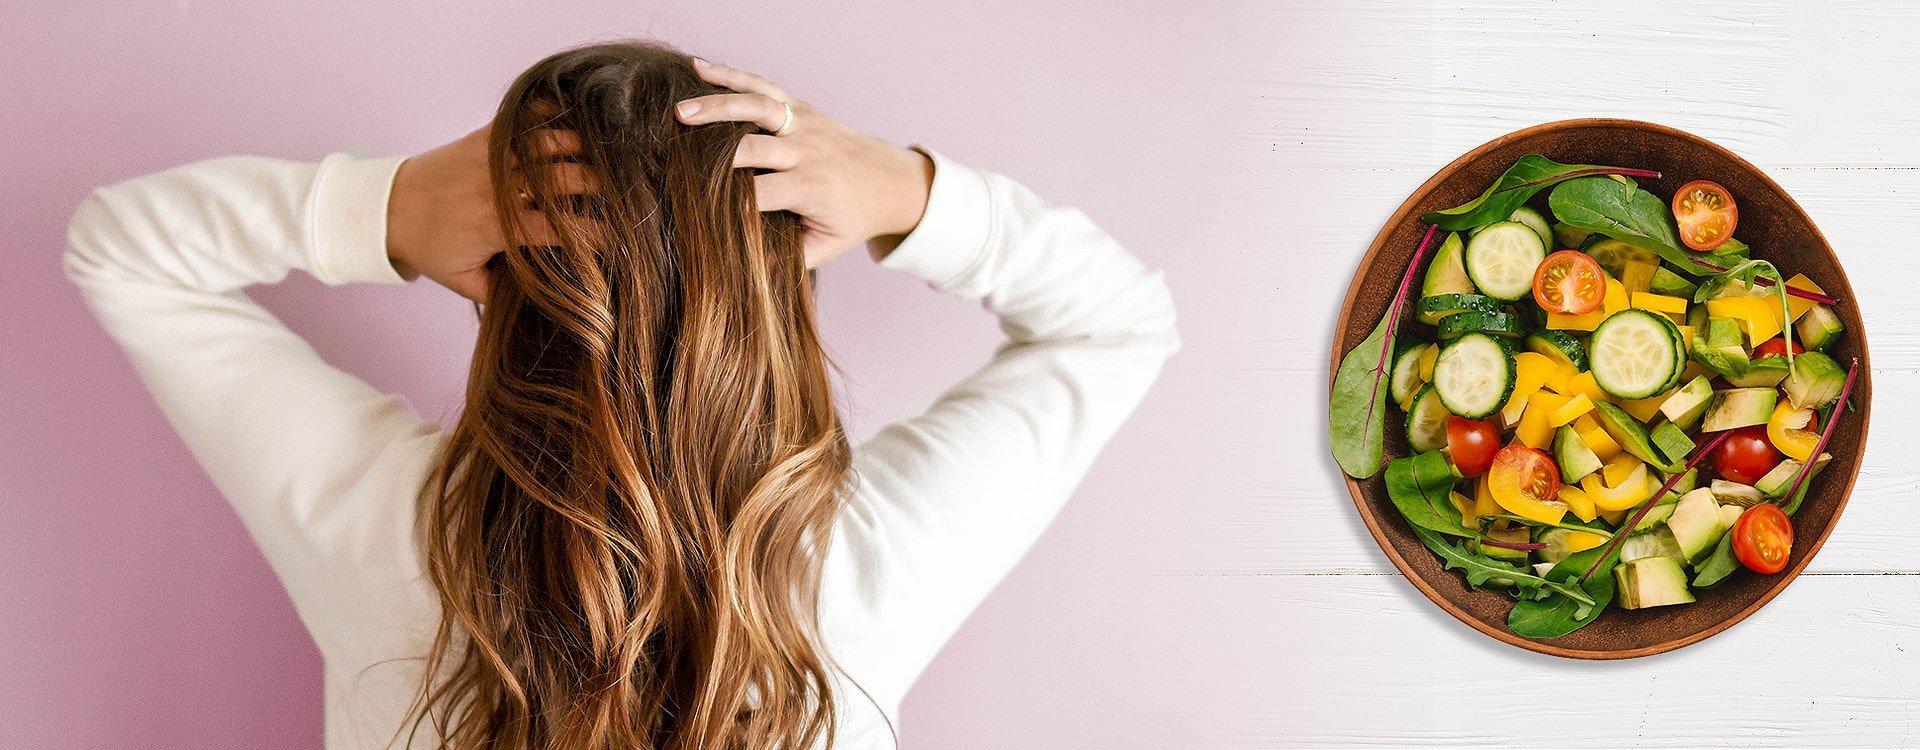 Czy dieta powstrzyma wypadanie włosów?